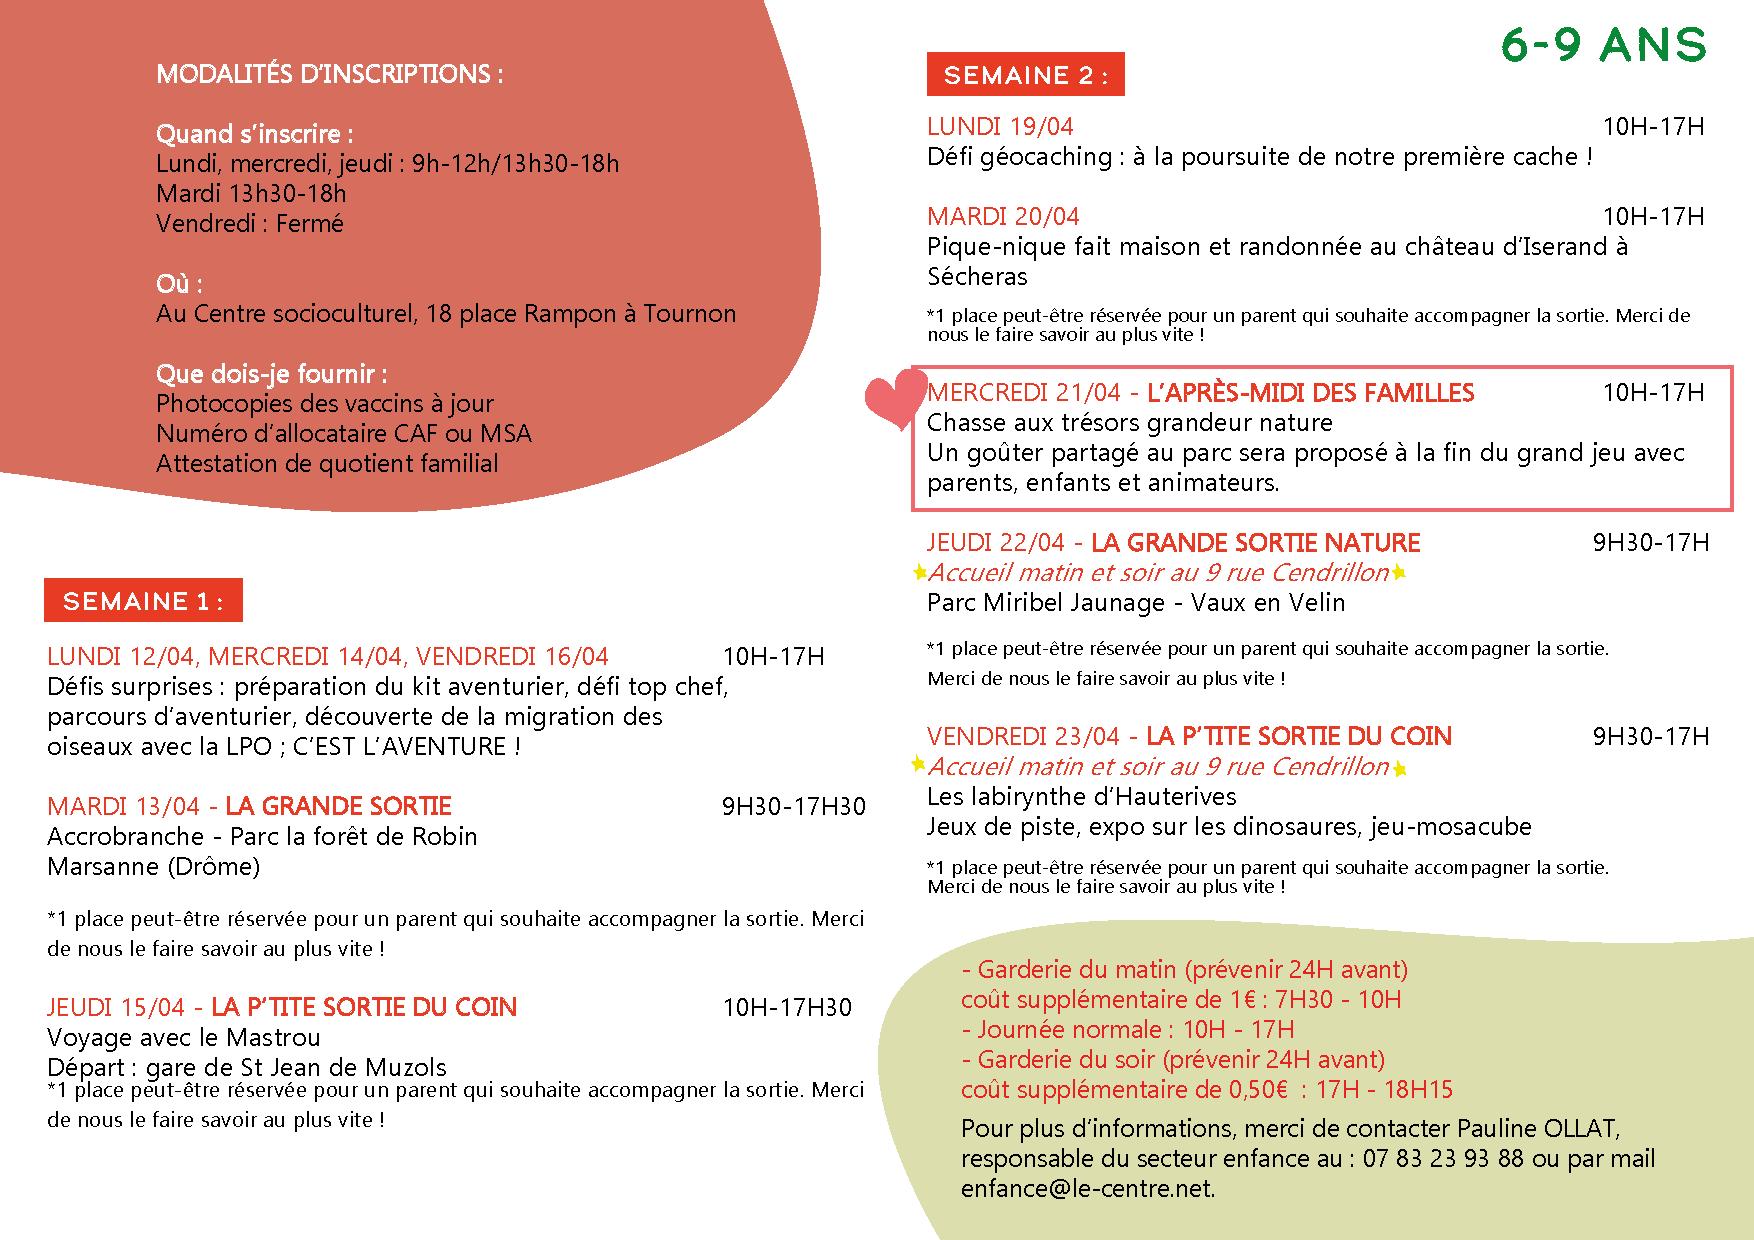 Vacances 0421 6-82